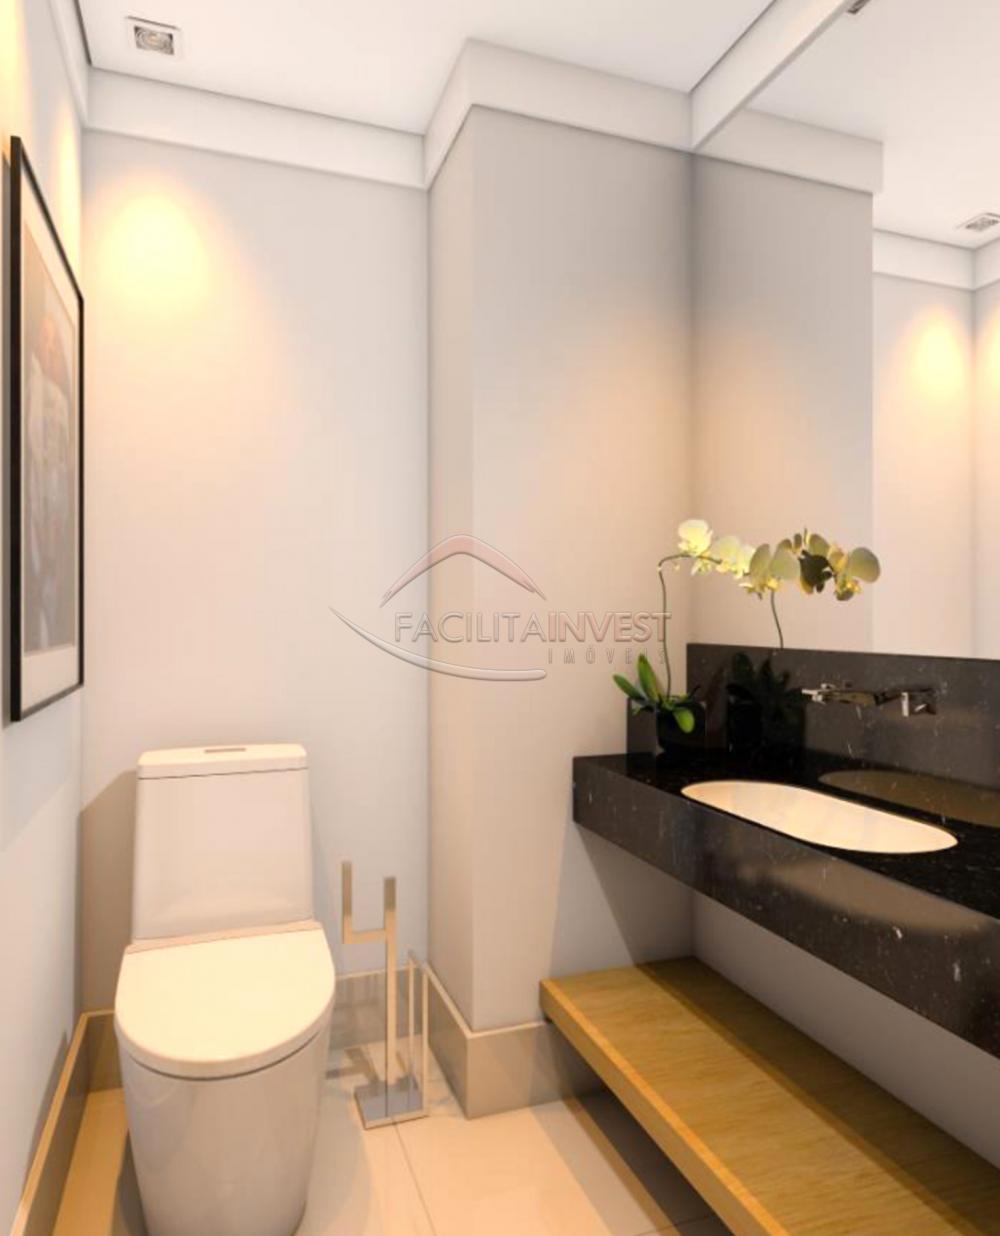 Comprar Lançamentos/ Empreendimentos em Construç / Apartamento padrão - Lançamento em Ribeirão Preto apenas R$ 567.573,00 - Foto 5